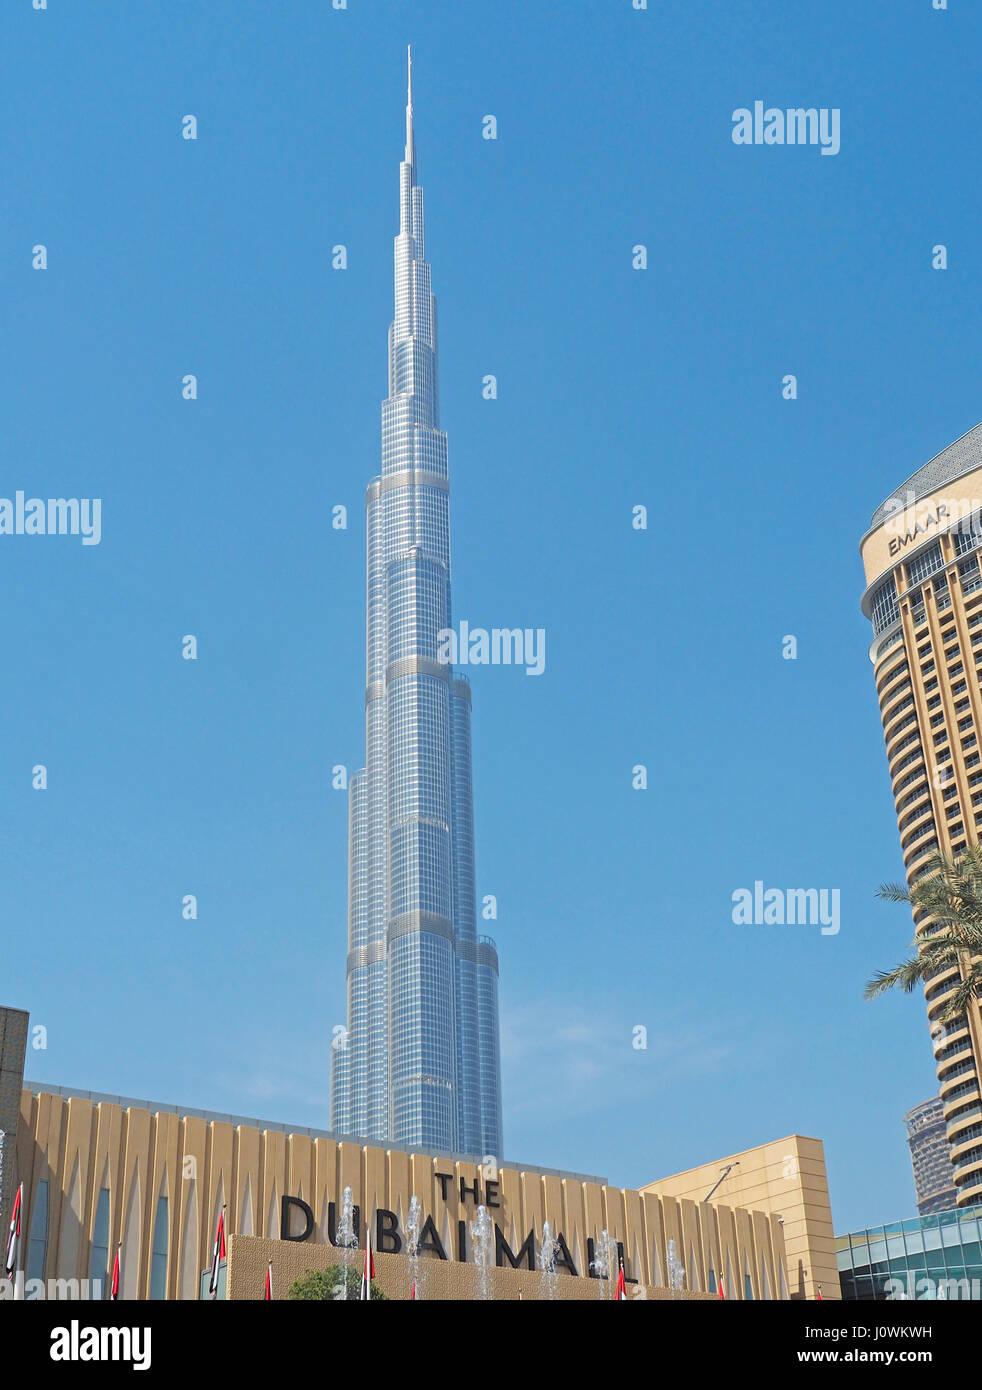 Il Burj Khalifa grattacielo, in Dubai, UAE. Immagini Stock